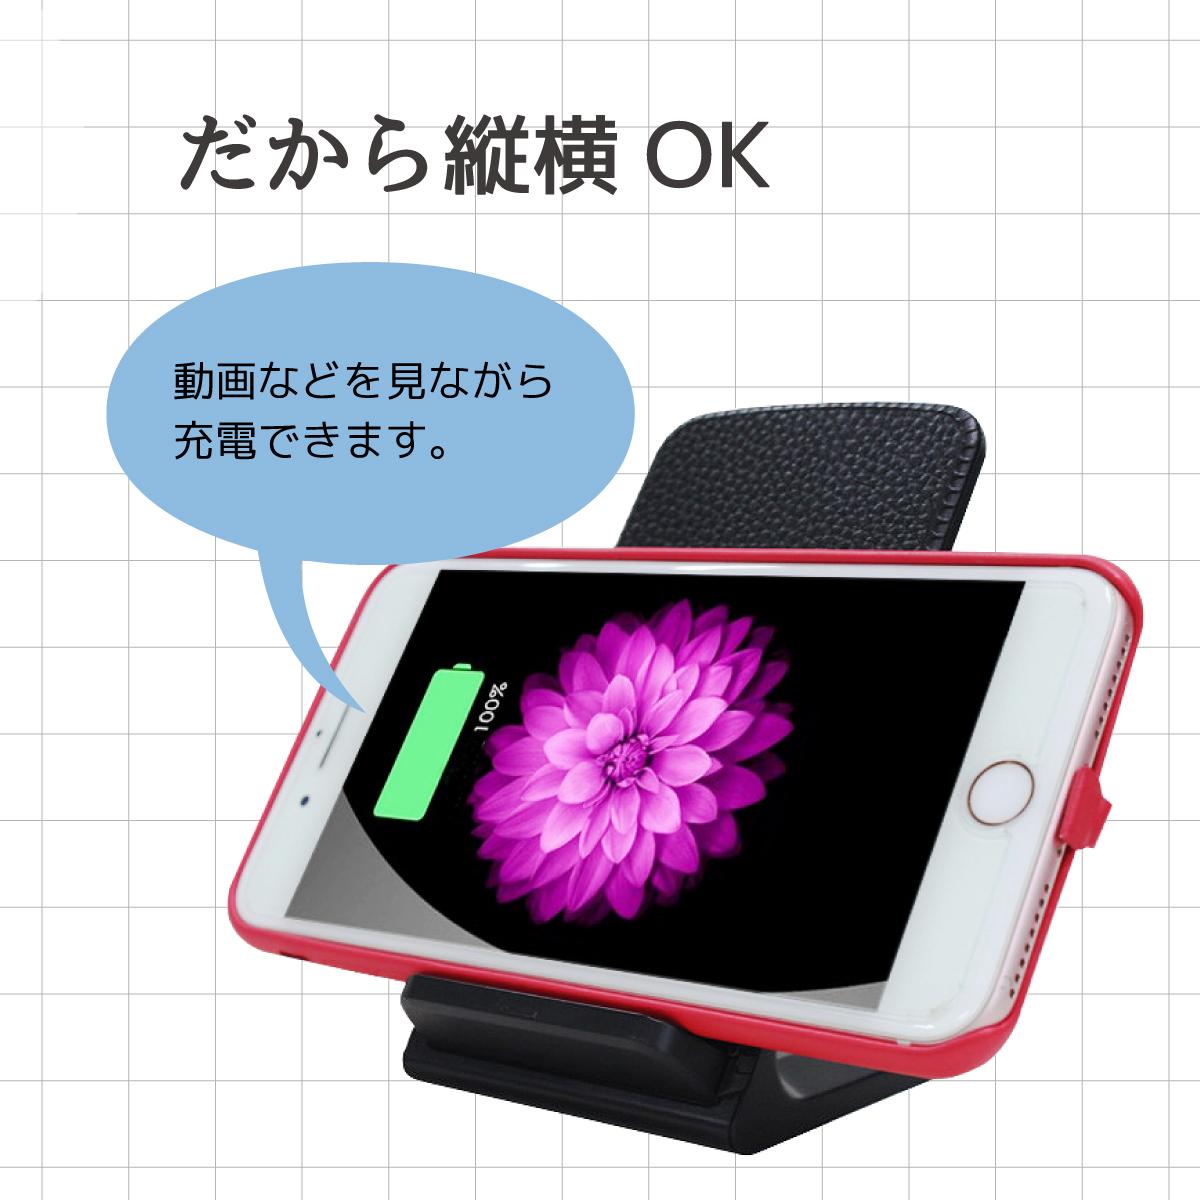 スマホ 充電器 ワイヤレス 急速 置くだけ充電 Qi スマホスタンド iPhone XS / XS Max / XR iphone8/iphone X/iphone8 plus android スマホ充電器 急速充電 縦置き 横置き ワイヤレス充電器  _84128